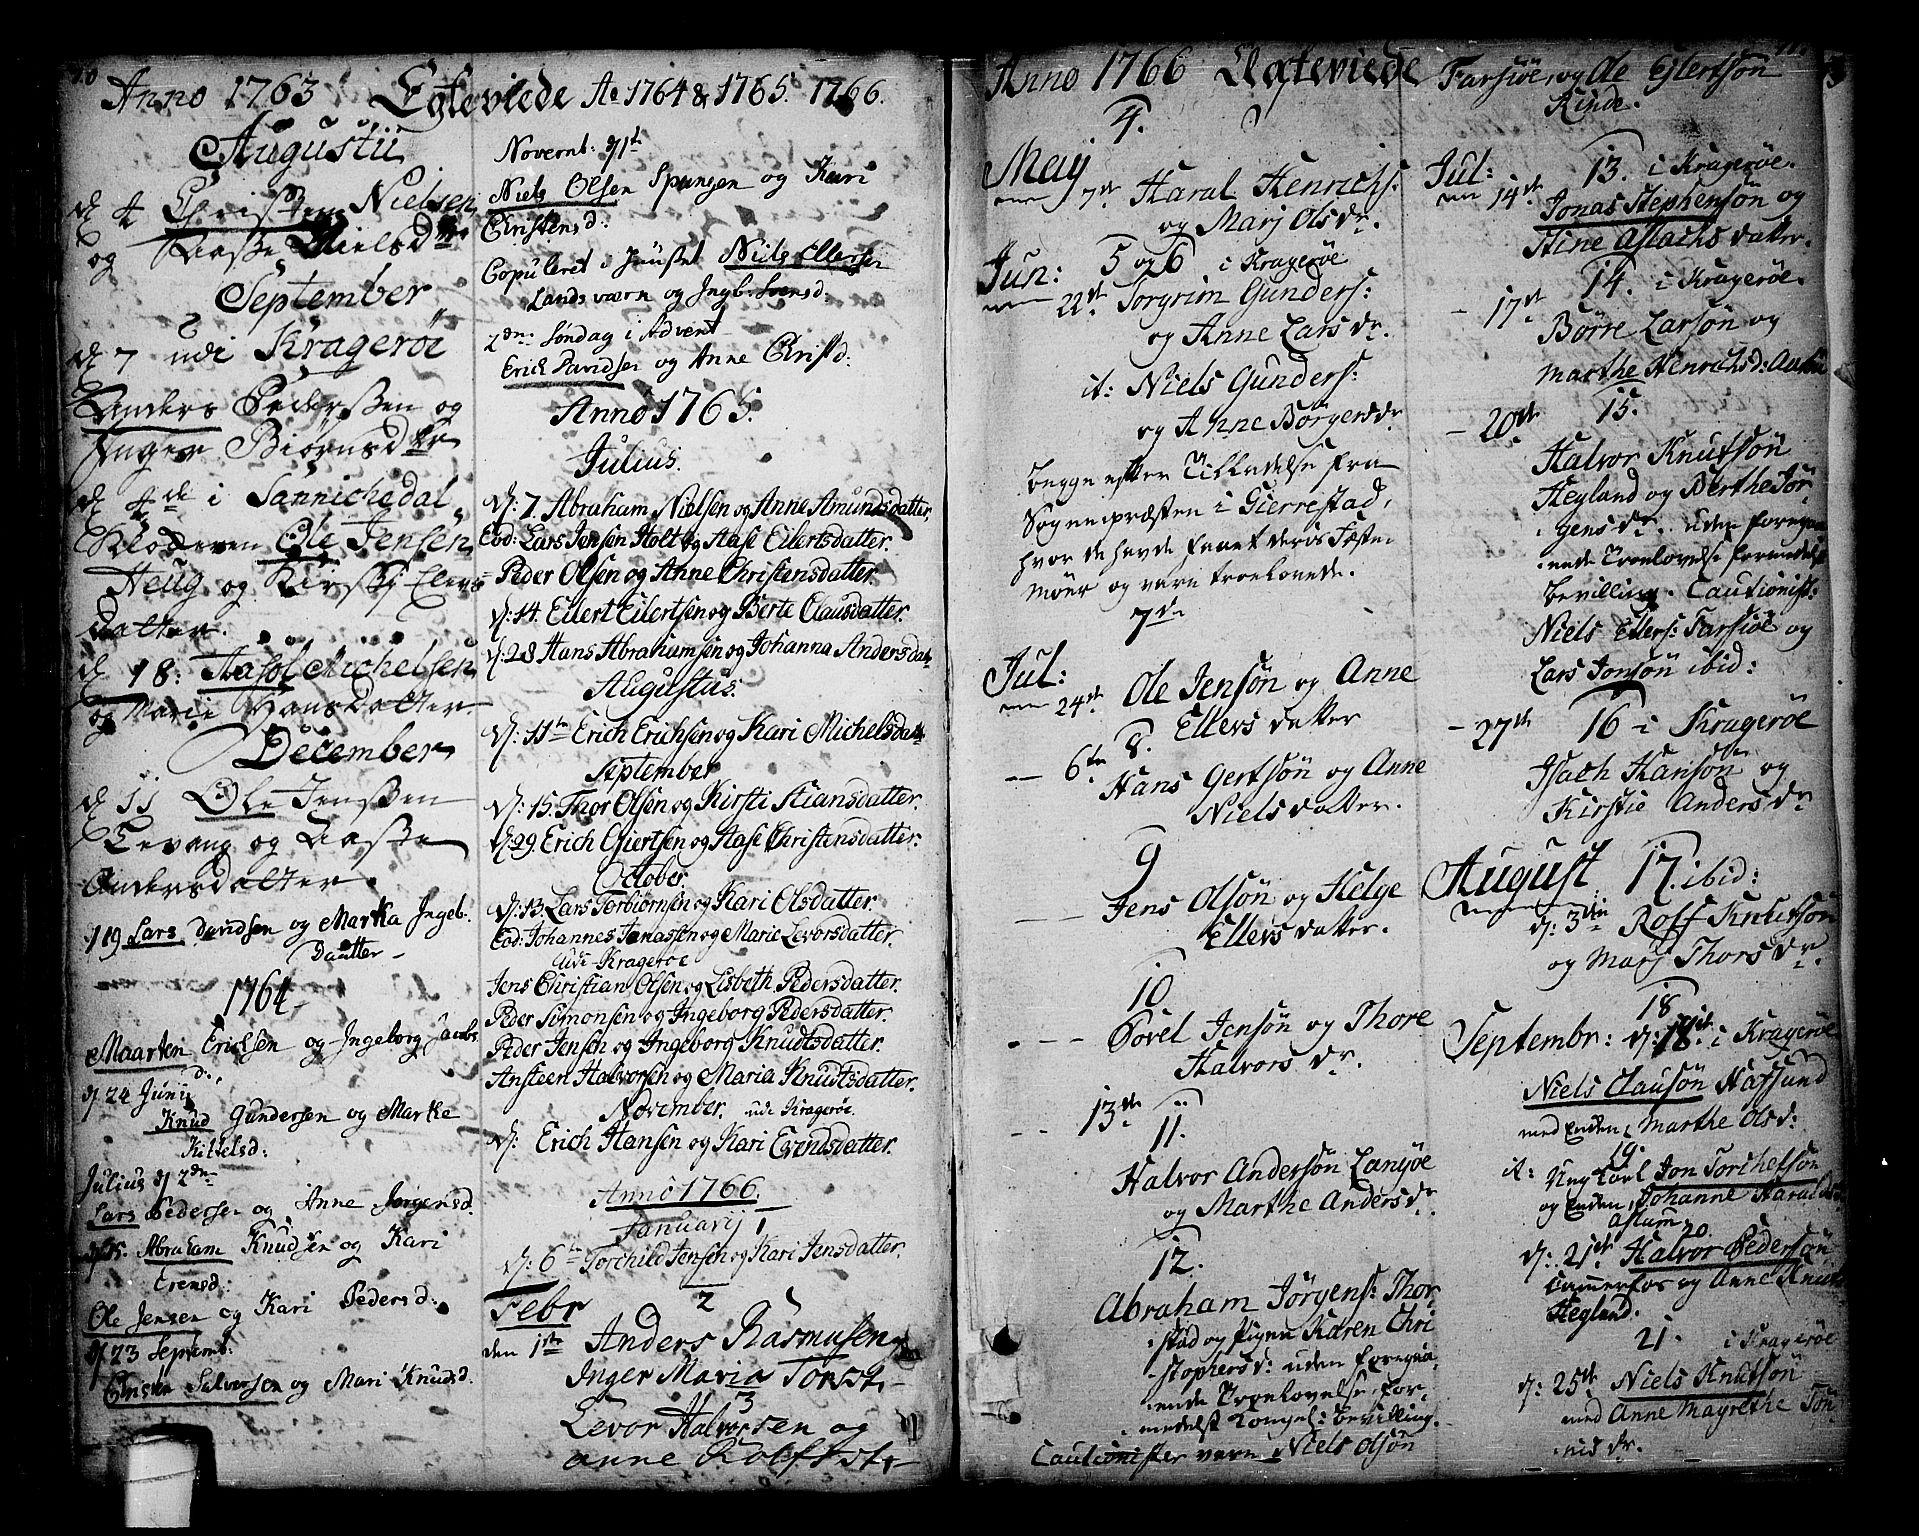 SAKO, Sannidal kirkebøker, F/Fa/L0001: Ministerialbok nr. 1, 1702-1766, s. 70-71